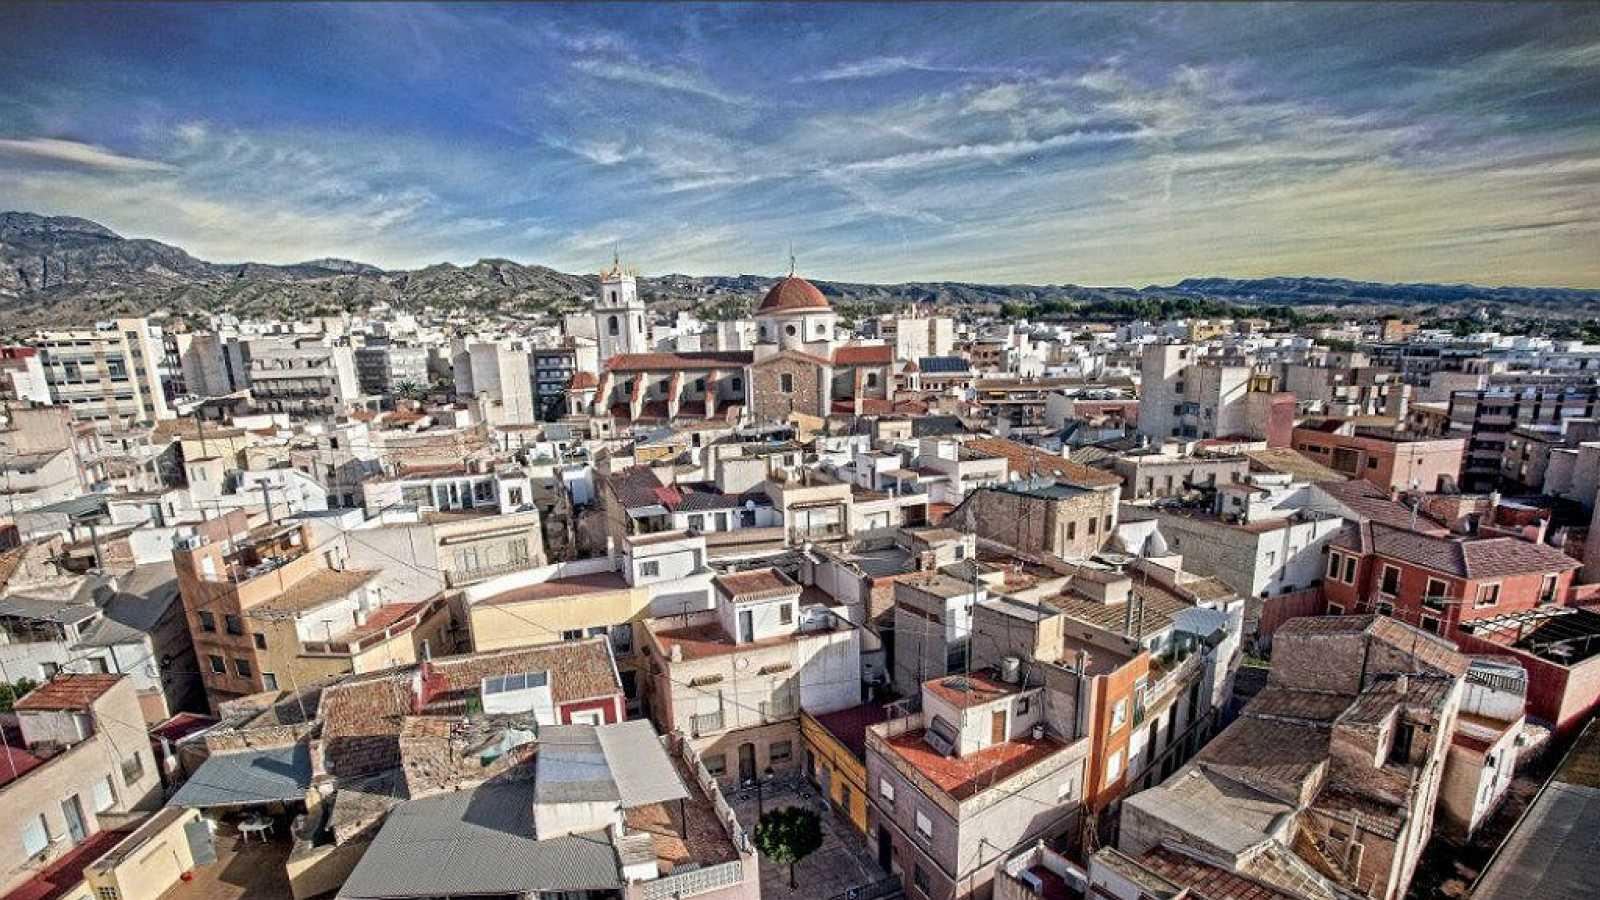 España vuelta y vuelta - Desde Crevillent, en Alicante - 07/04/17 - Escuchar ahora